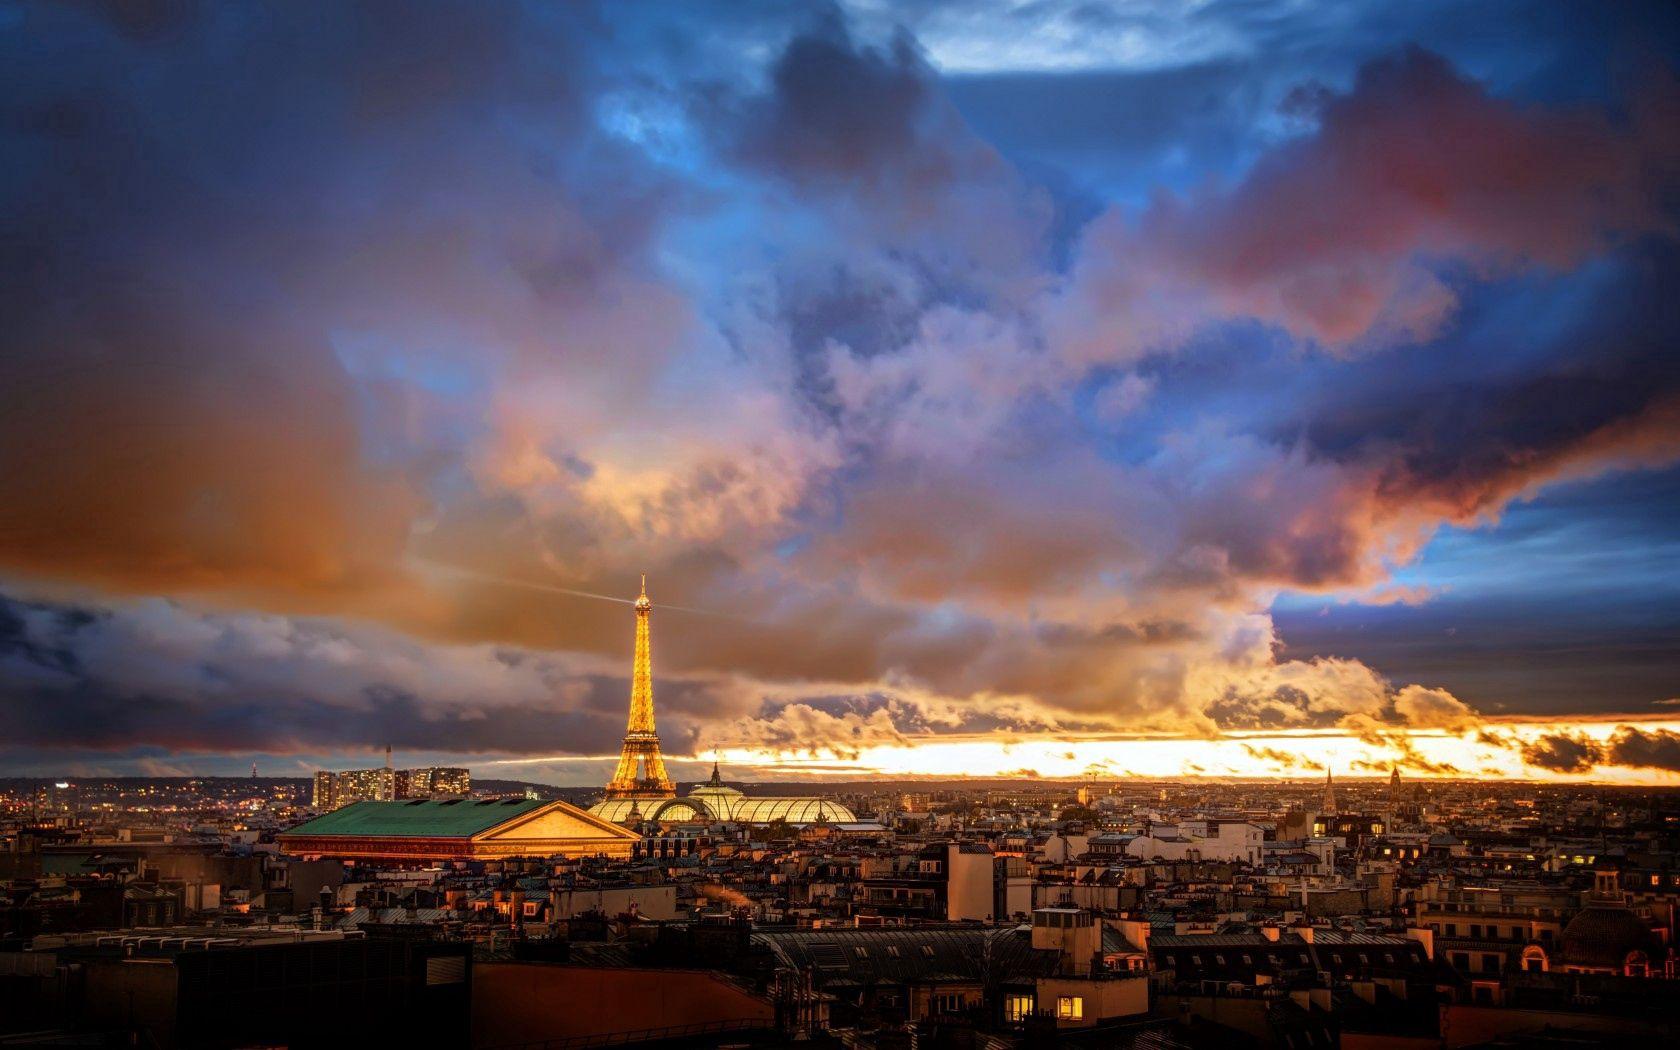 134971 télécharger le fond d'écran France, Paris, Maisons, Dahl, Distance, Horizon, Aube, Coucher De Soleil, Sky, Nuages, Villes, Tour Eiffel - économiseurs d'écran et images gratuitement